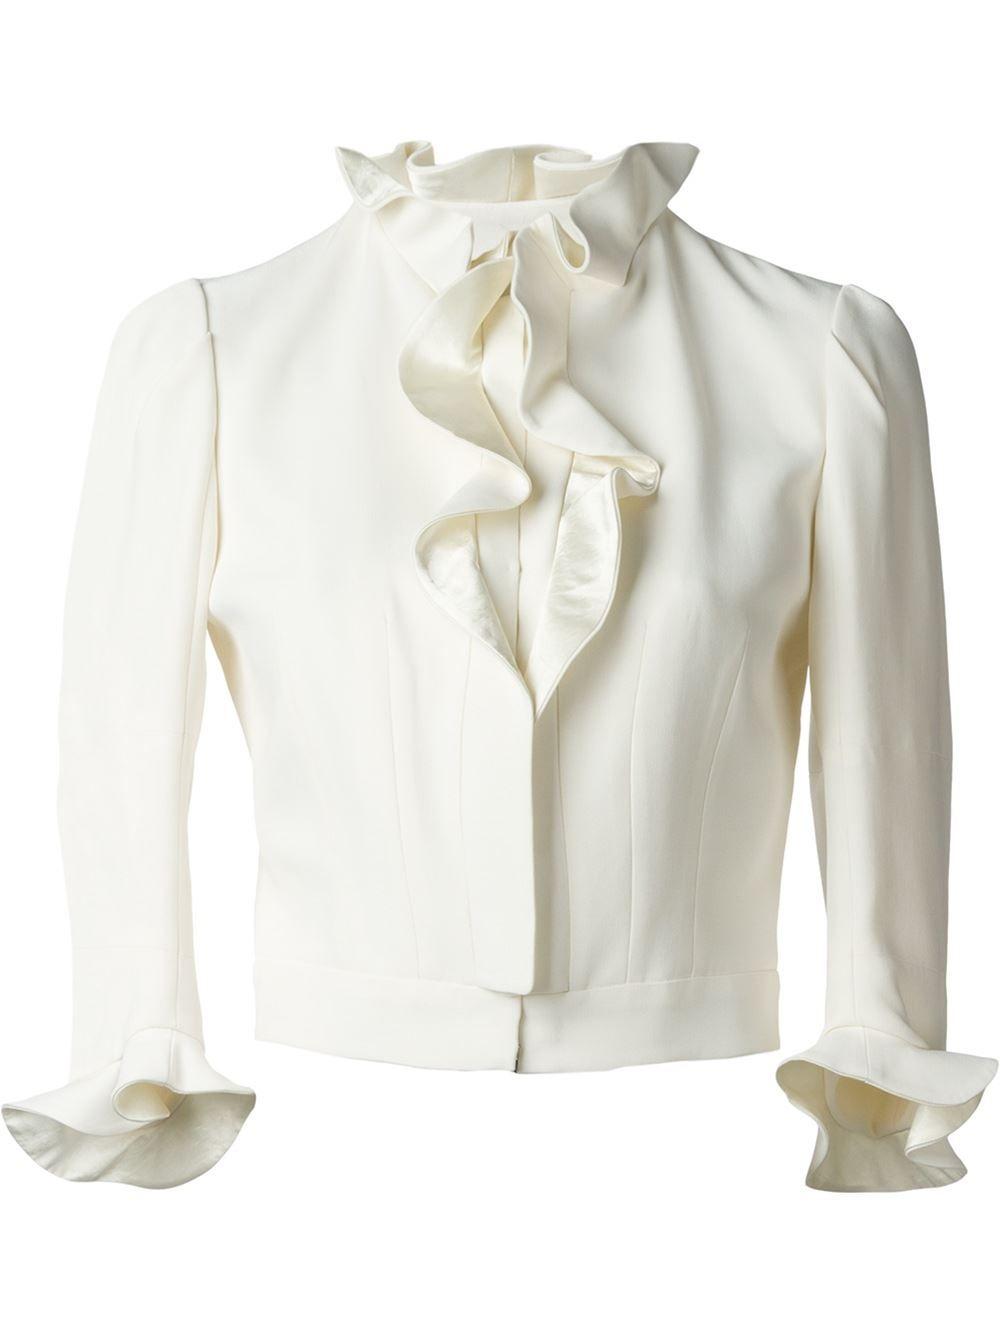 Alexander McQueen ruffled jacket